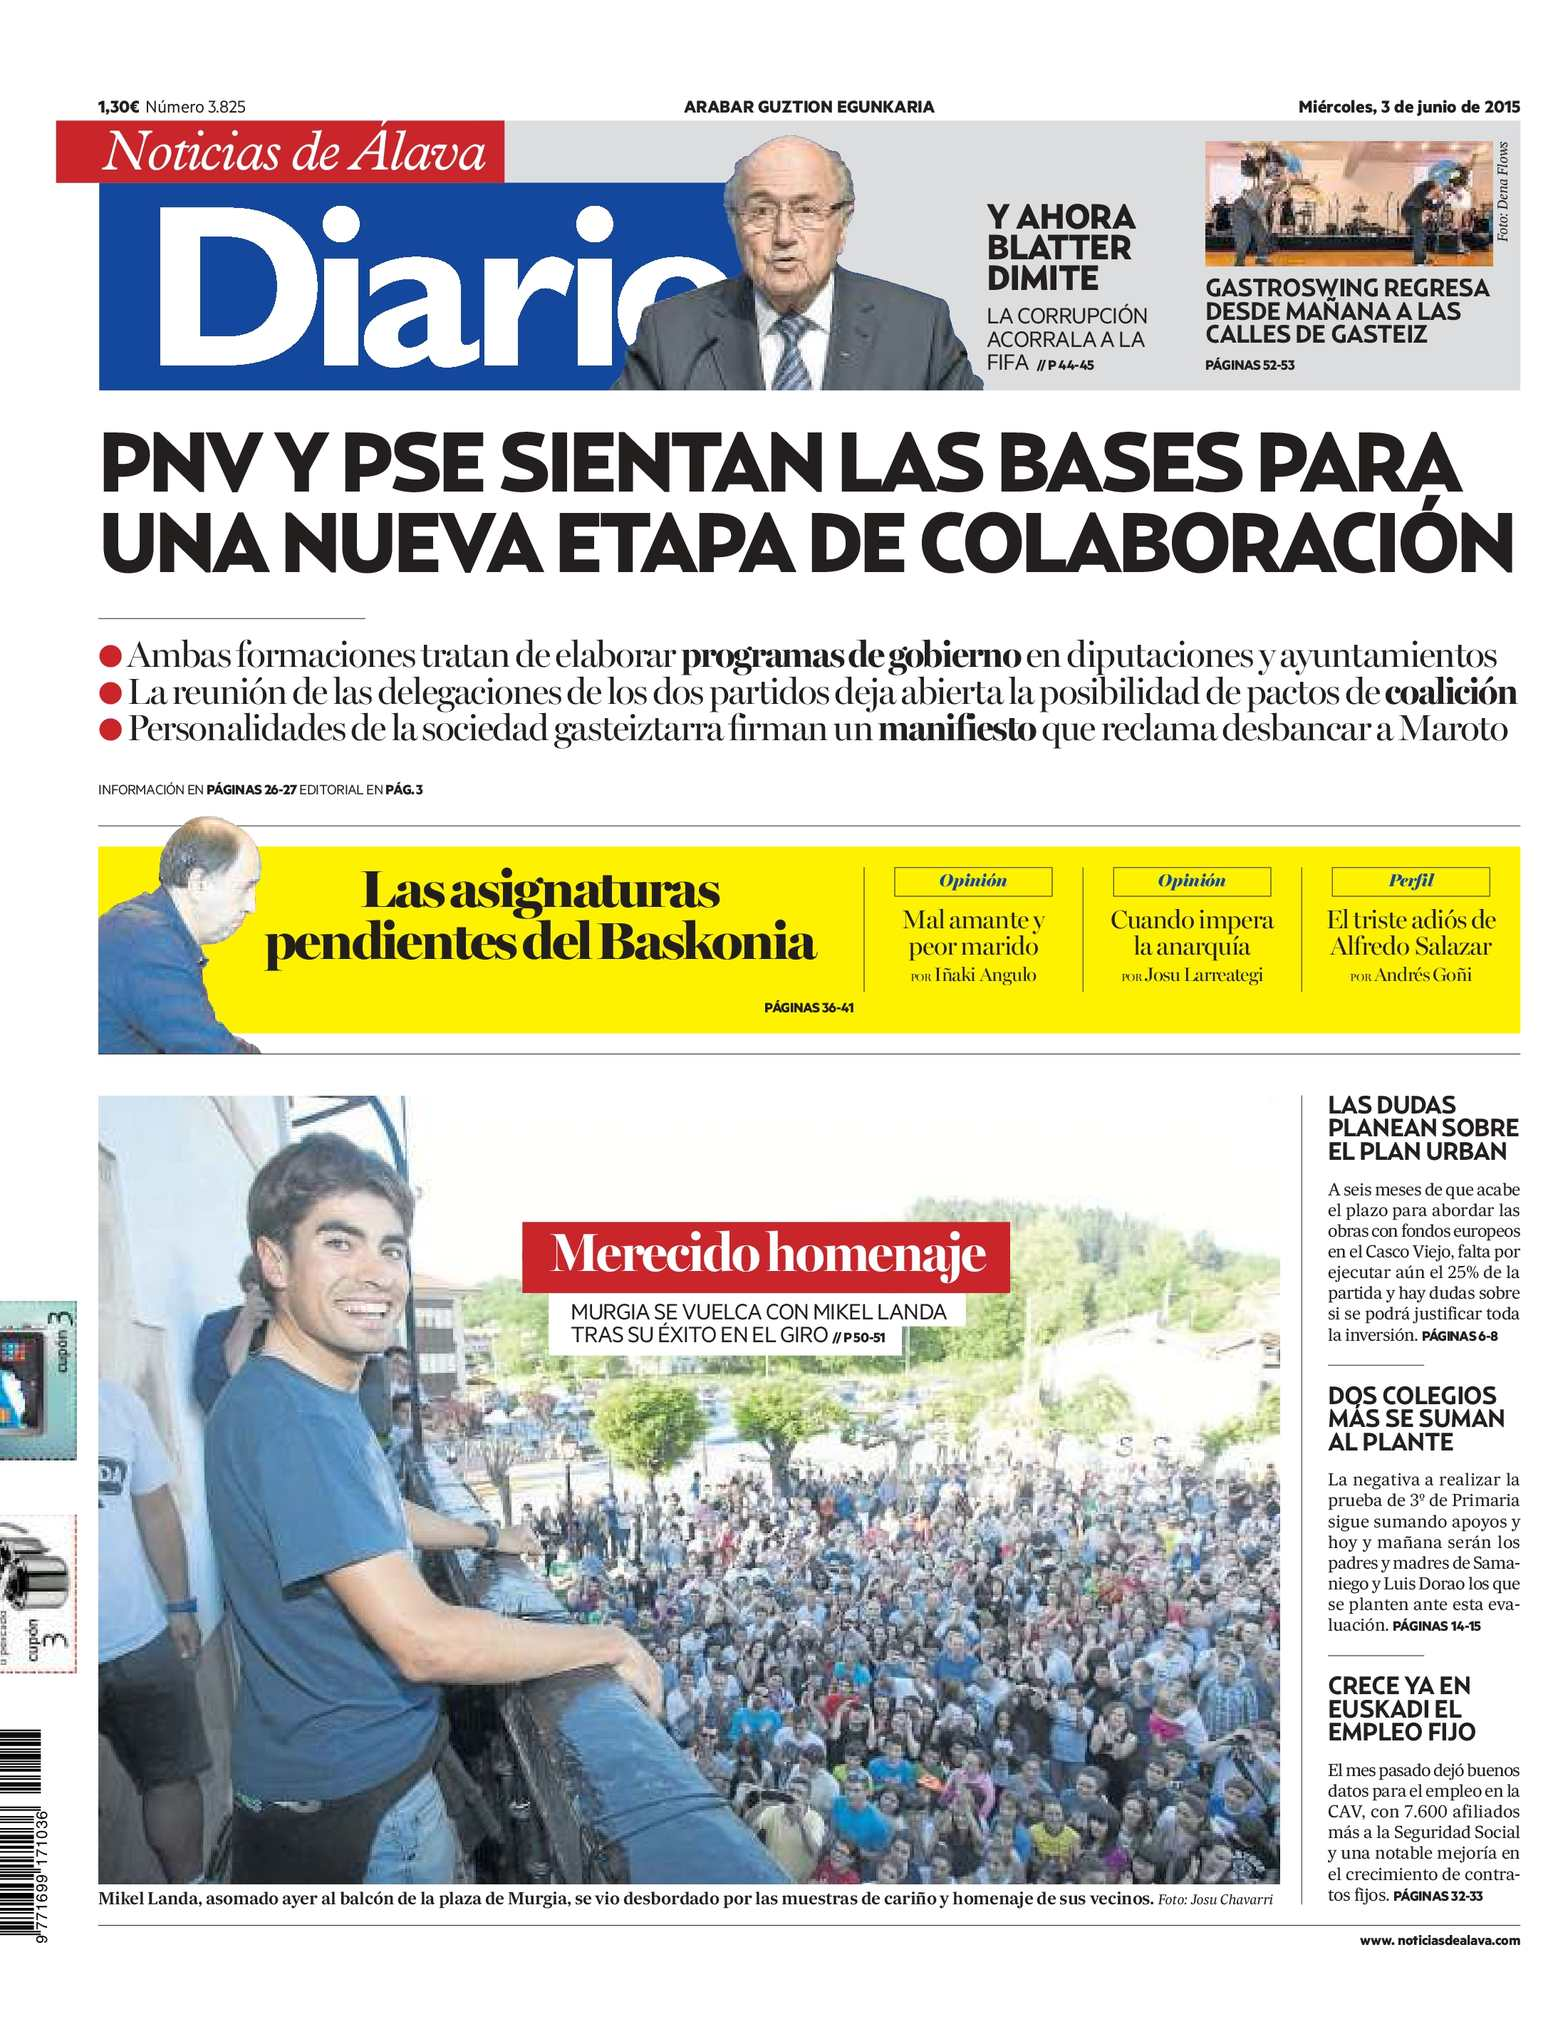 ac59ecde44e21 Calaméo - Diario de Noticias de Álava 20150603